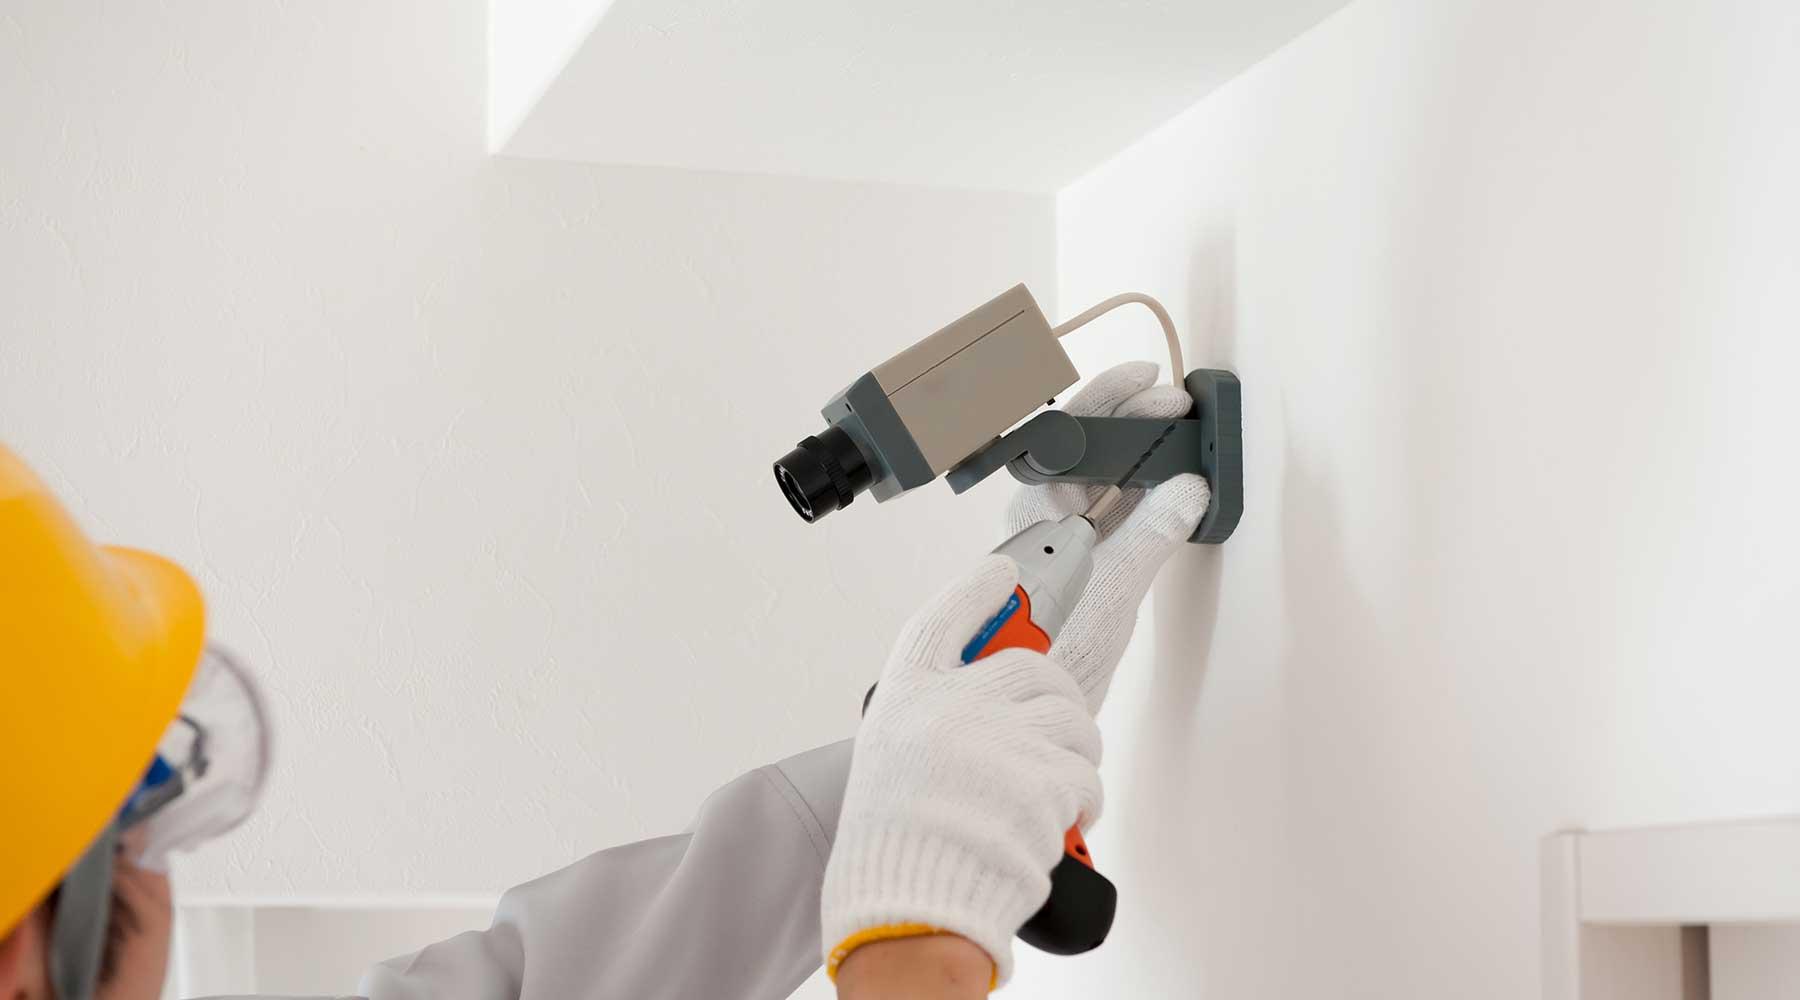 un uomo che sta installando a muro con un trapano una telecamera di sicurezza